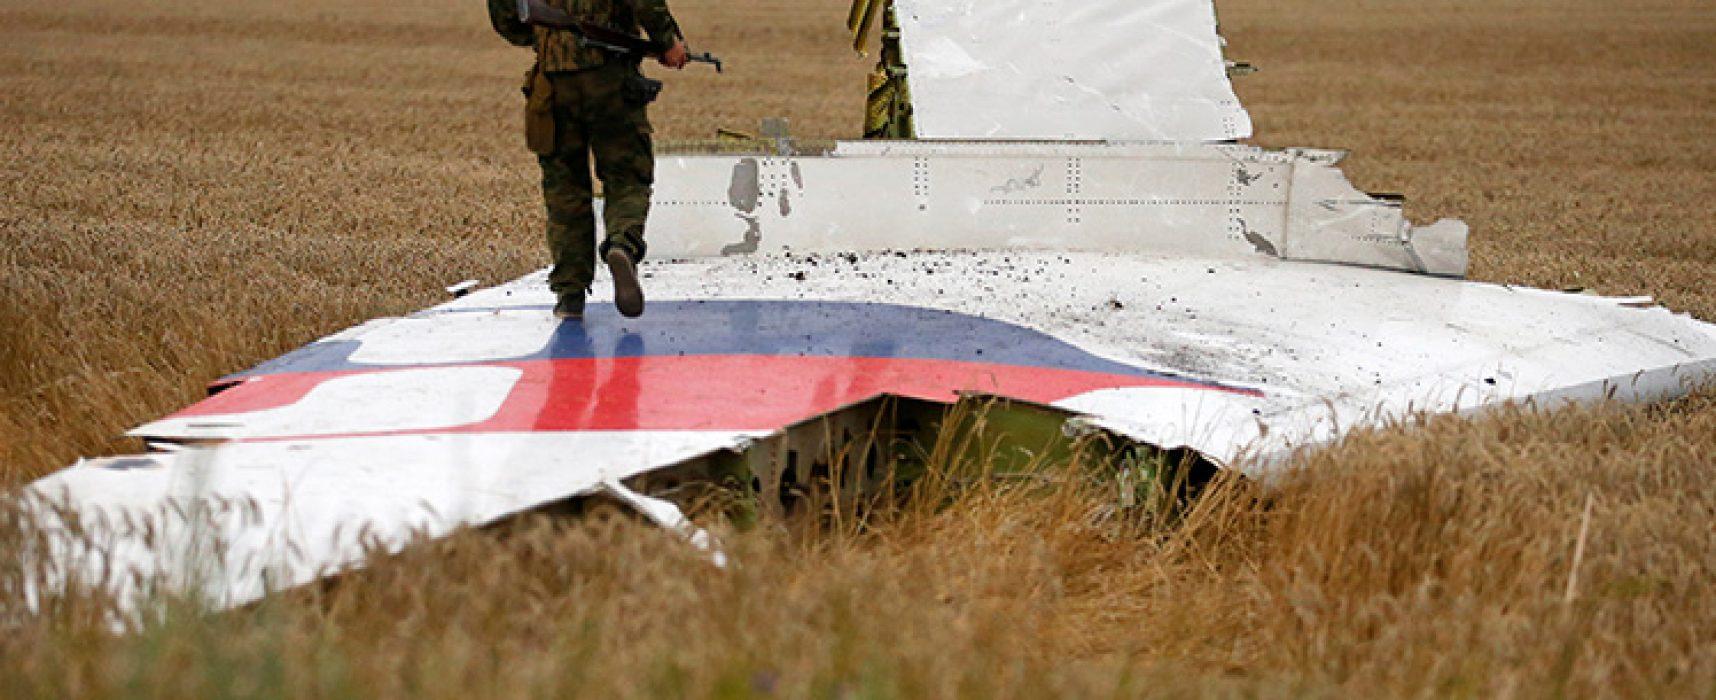 Come funziona il sistema missilistico BUK che ha abbattuto il volo MH17